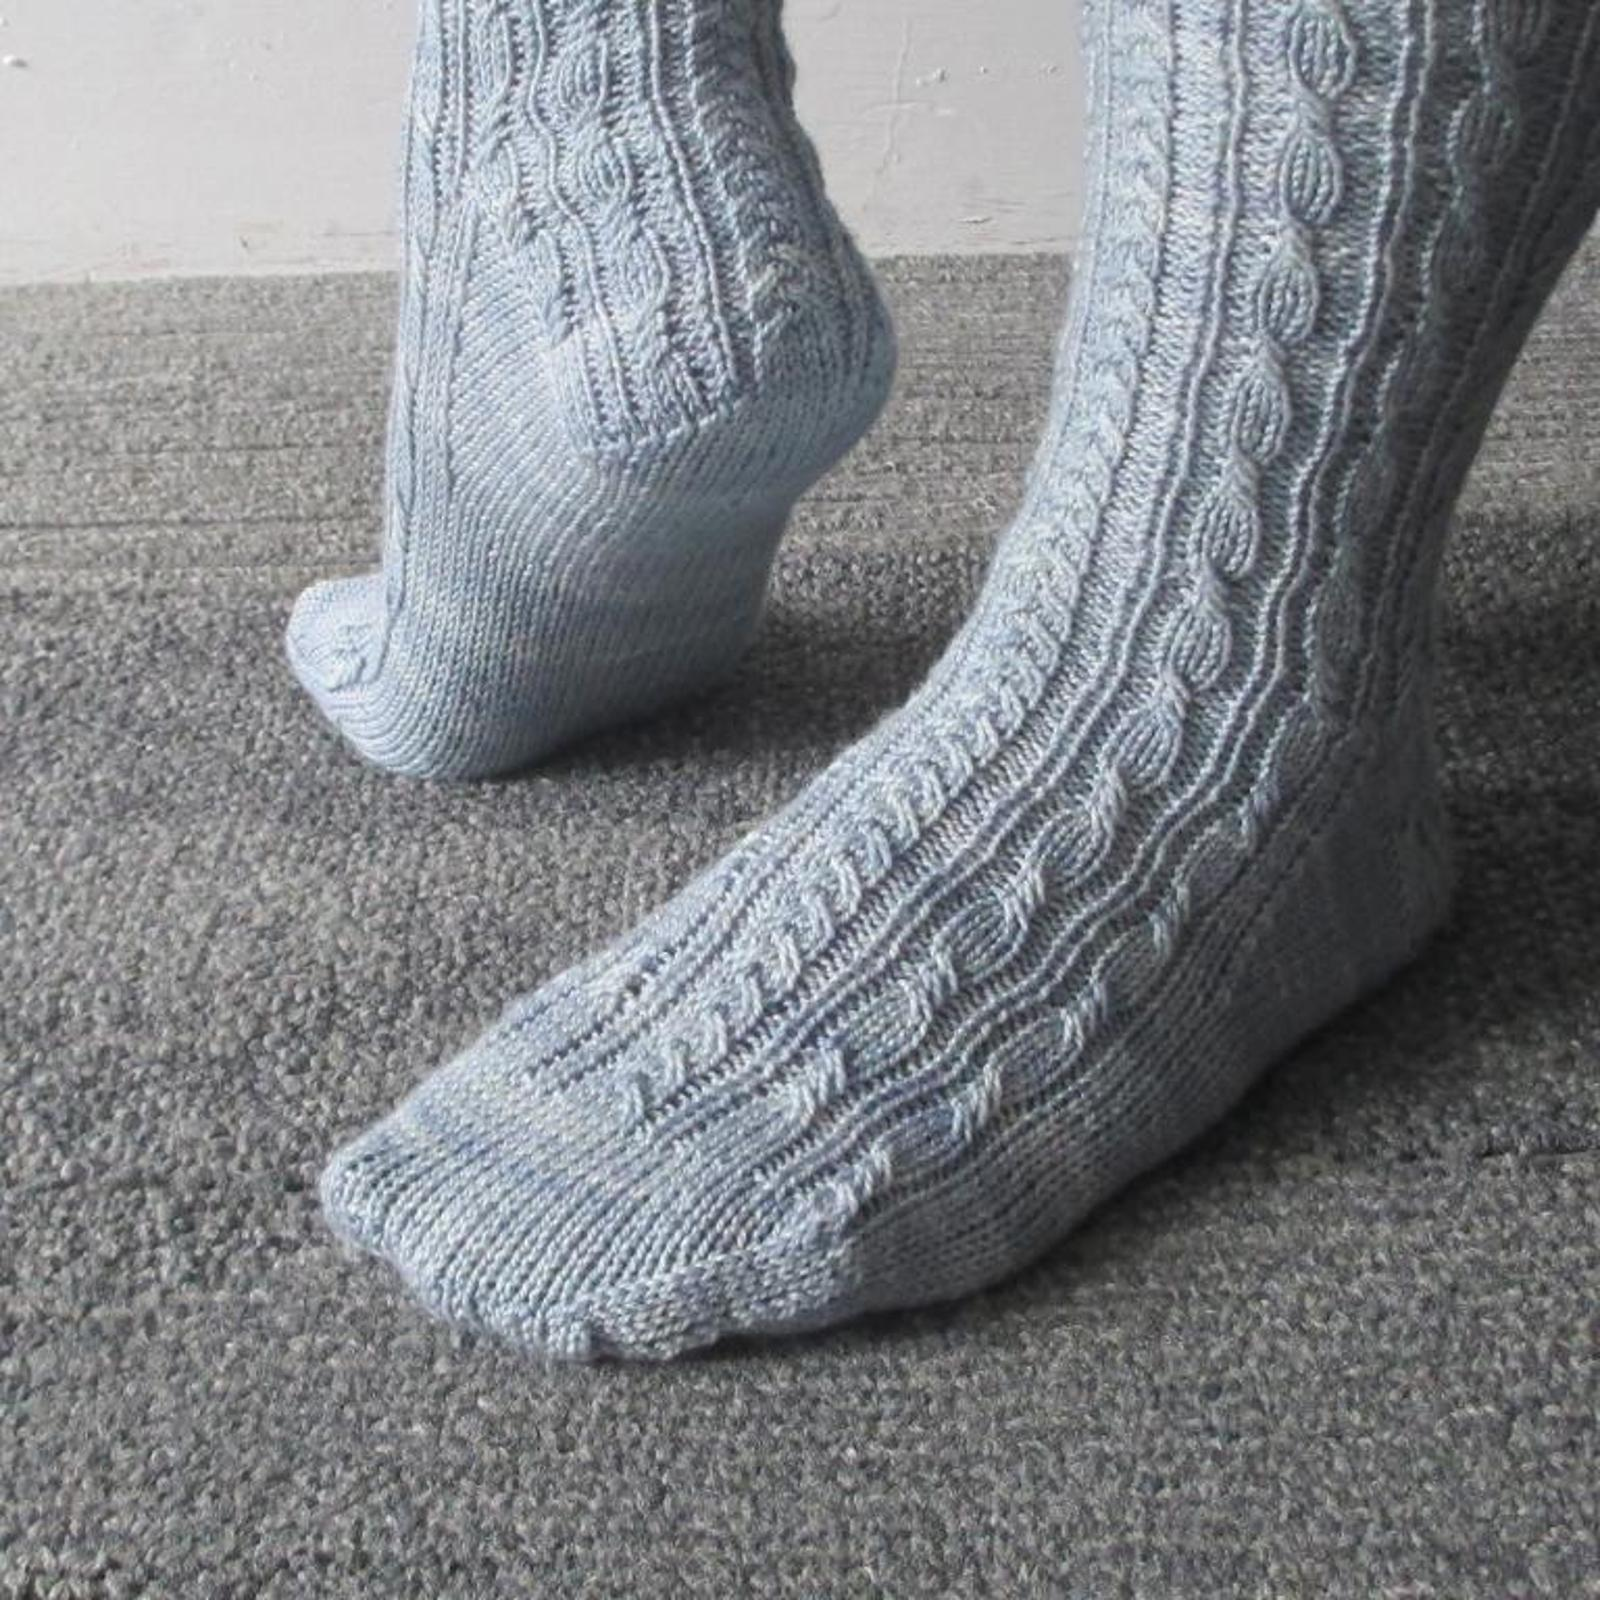 Twists and Braids Socks Knitting Pattern